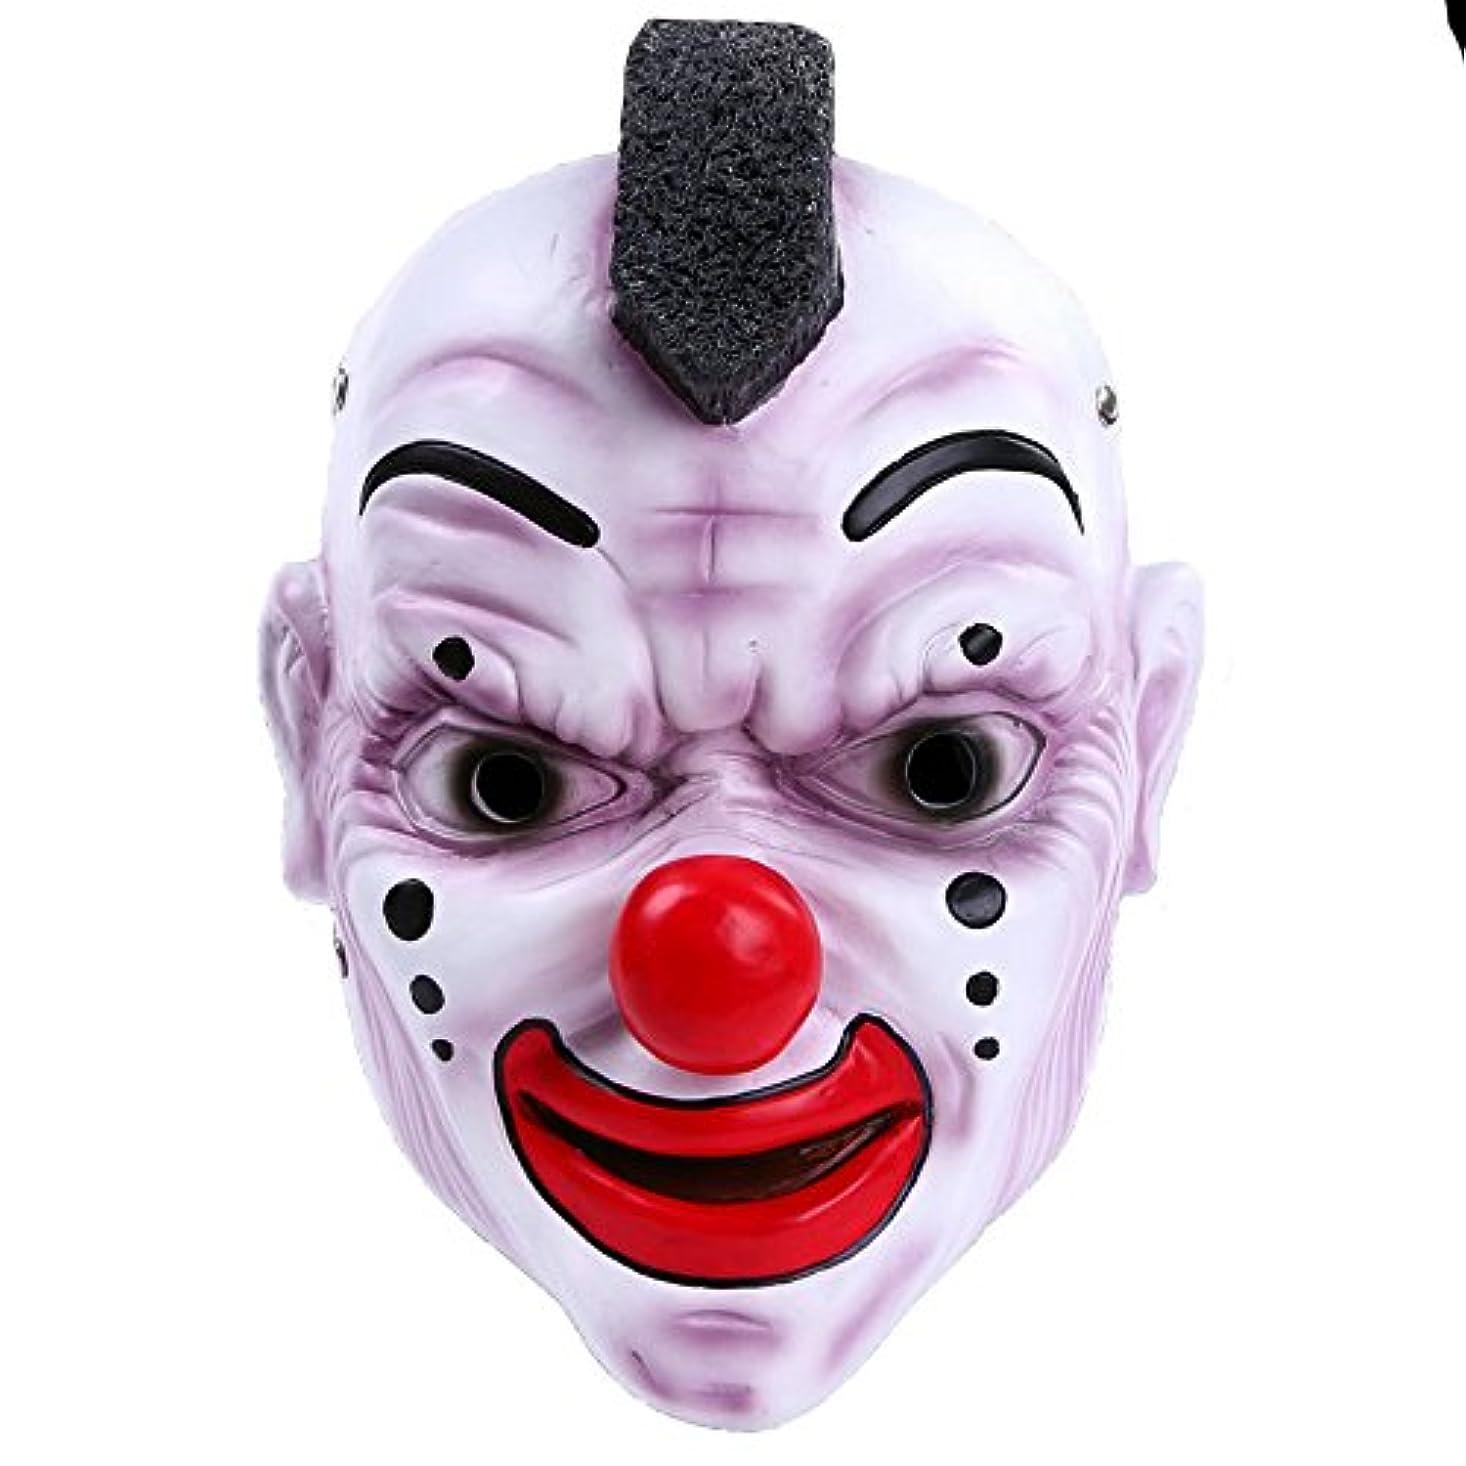 商人士気プレートハロウィンバーパーティーマスクスカルバンドマスク赤い鼻ピエロマスク樹脂工芸品マスク